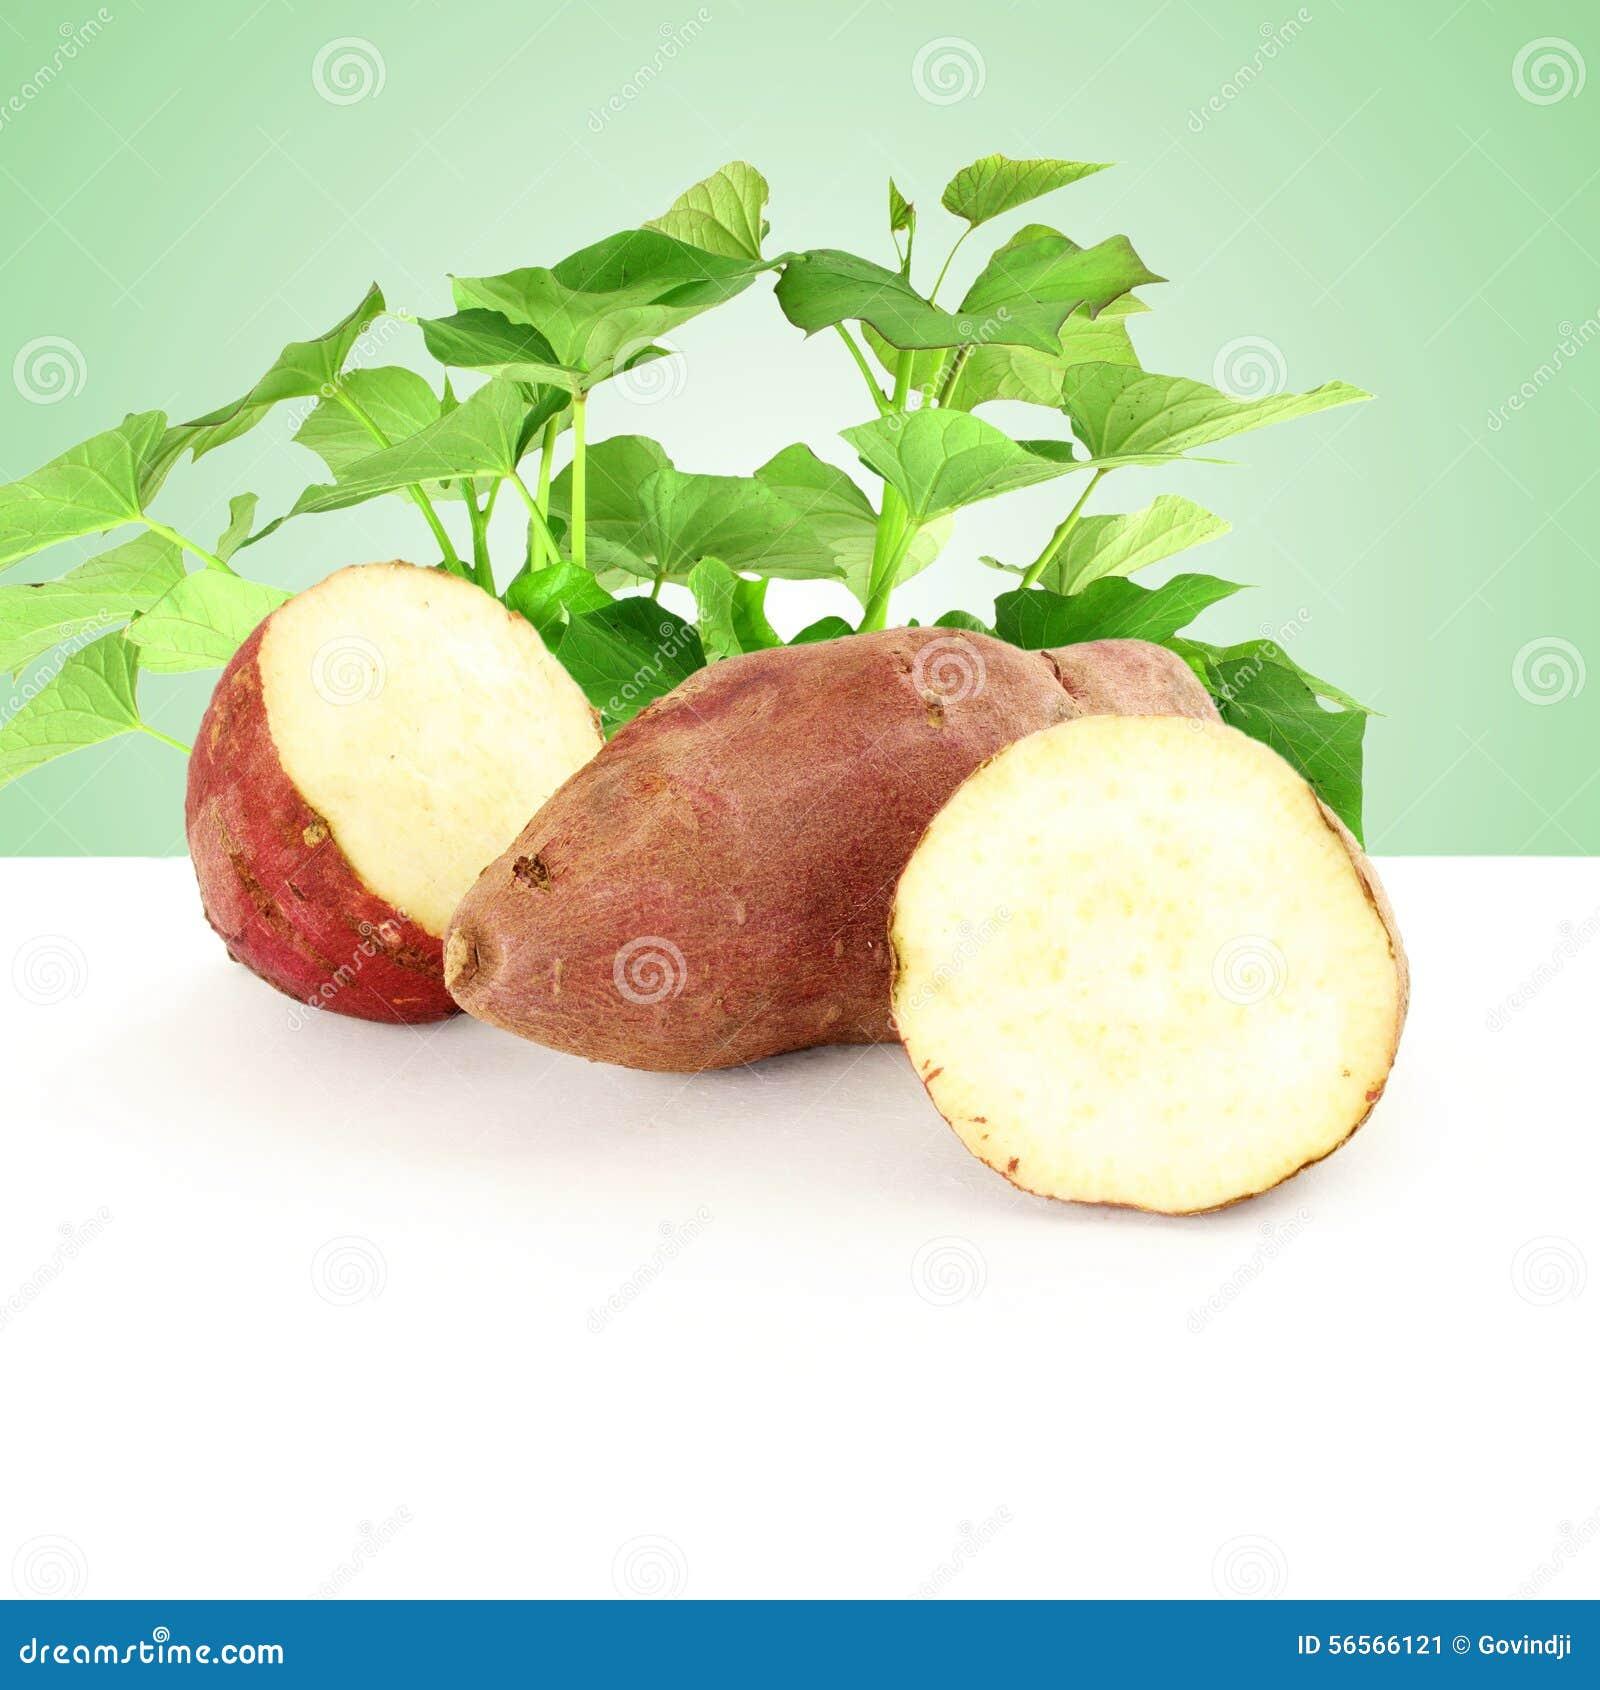 Download γλυκιά πατάτα με την ανάπτυξη των εγκαταστάσεων στο πράσινο υπόβαθρο Στοκ Εικόνα - εικόνα από closeup, κήπος: 56566121